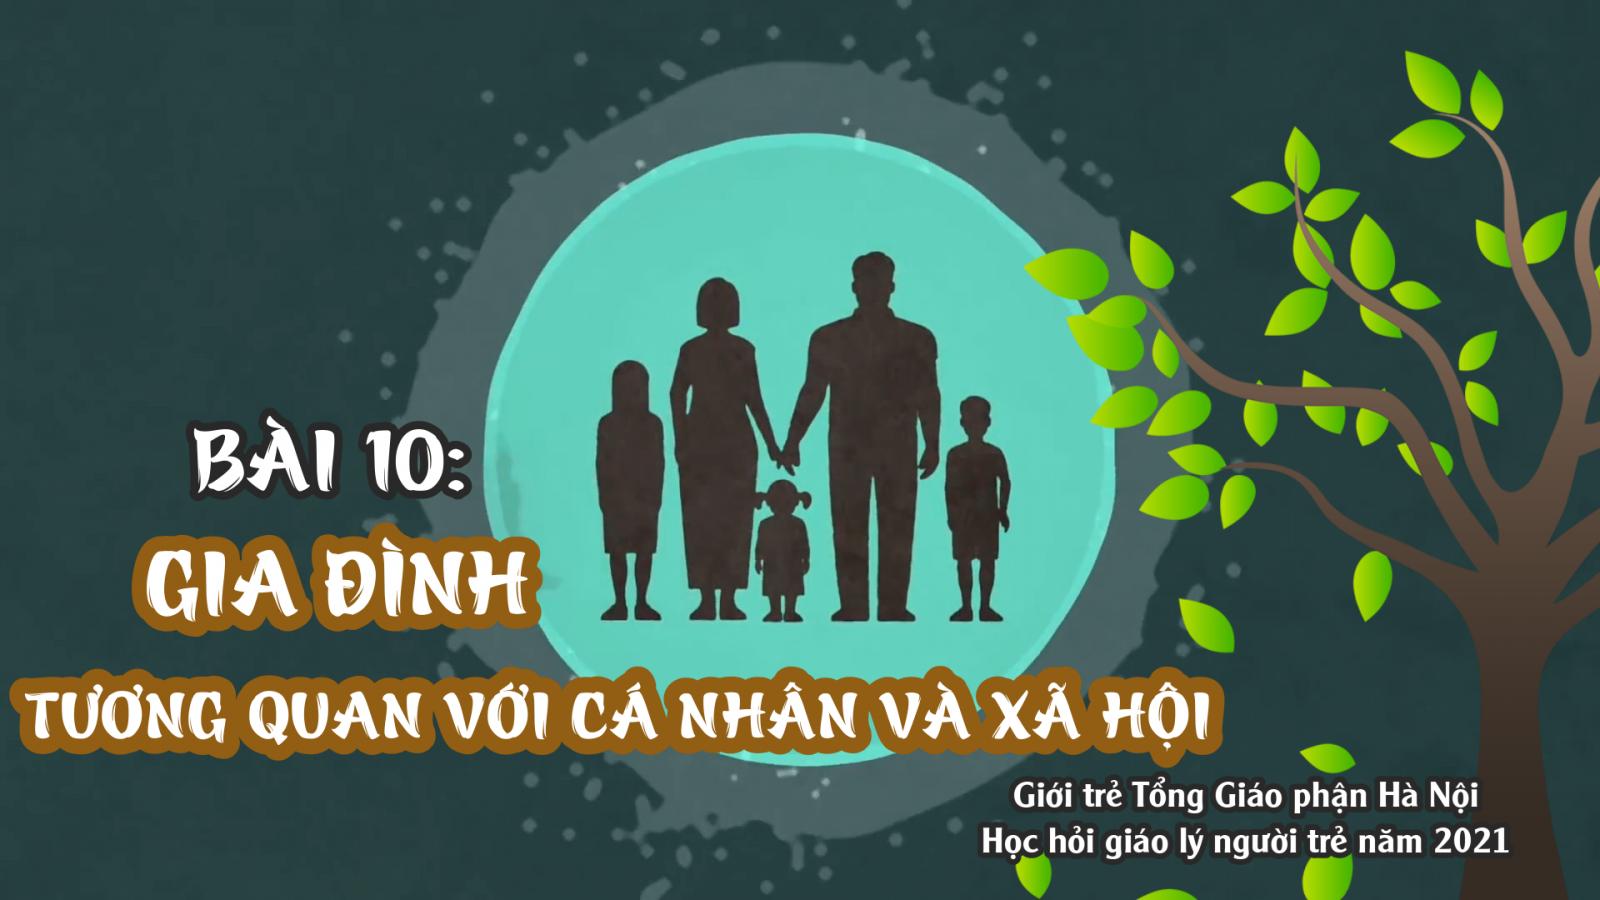 Người Trẻ Học Hỏi Giáo Lý | Bài 10: Gia đình tương quan với cá nhân và xã hội.